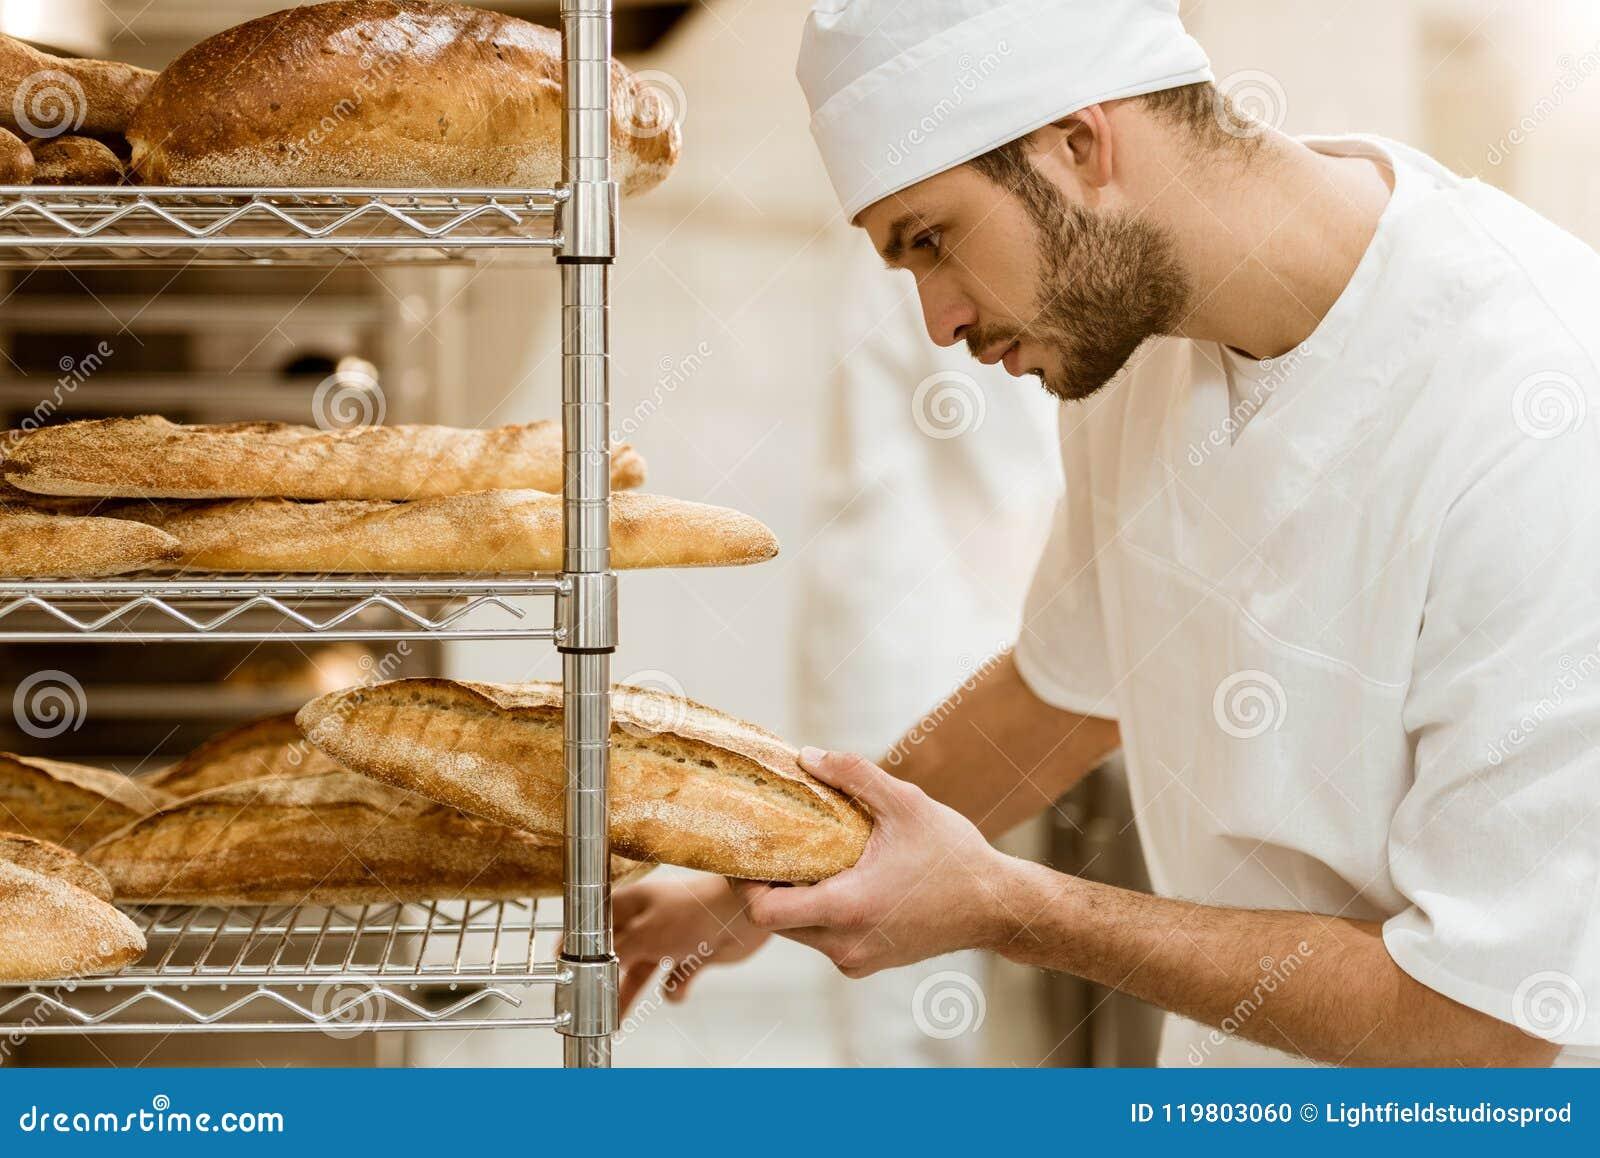 Zijaanzicht van knappe bakker die vers brood op plank zetten